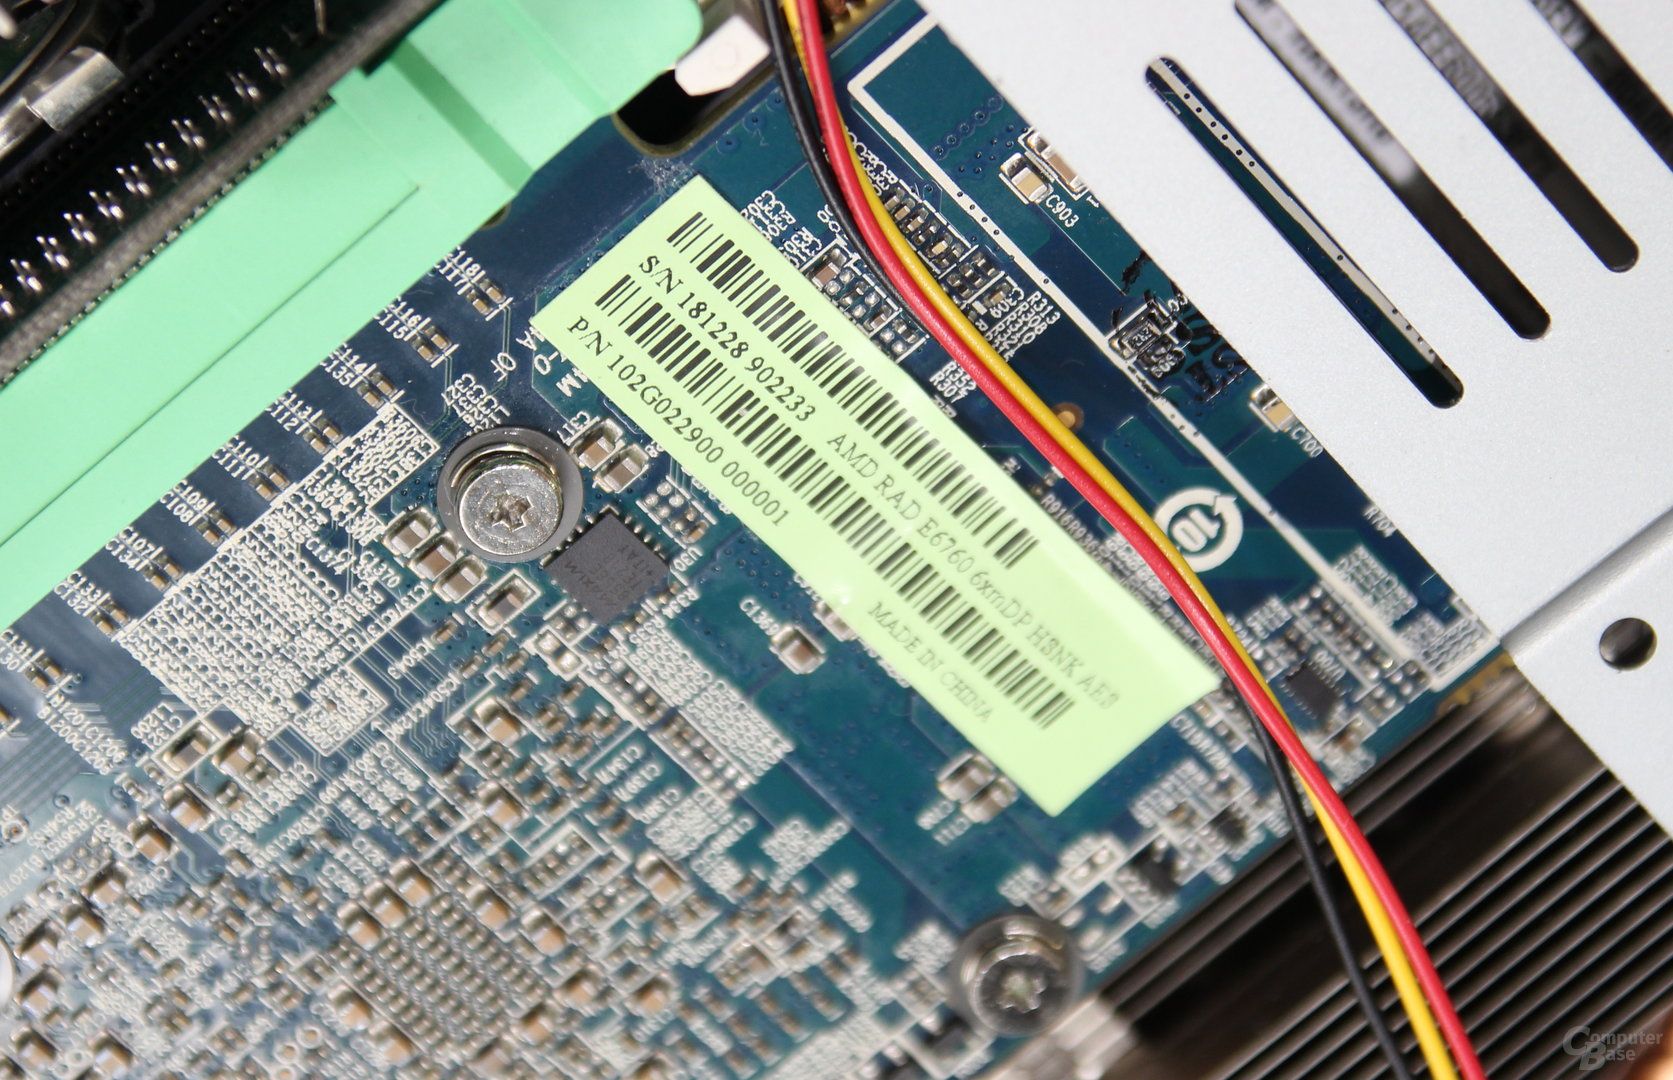 Insbesondere dank der Radeon R6760 mit sechs DisplayPorts